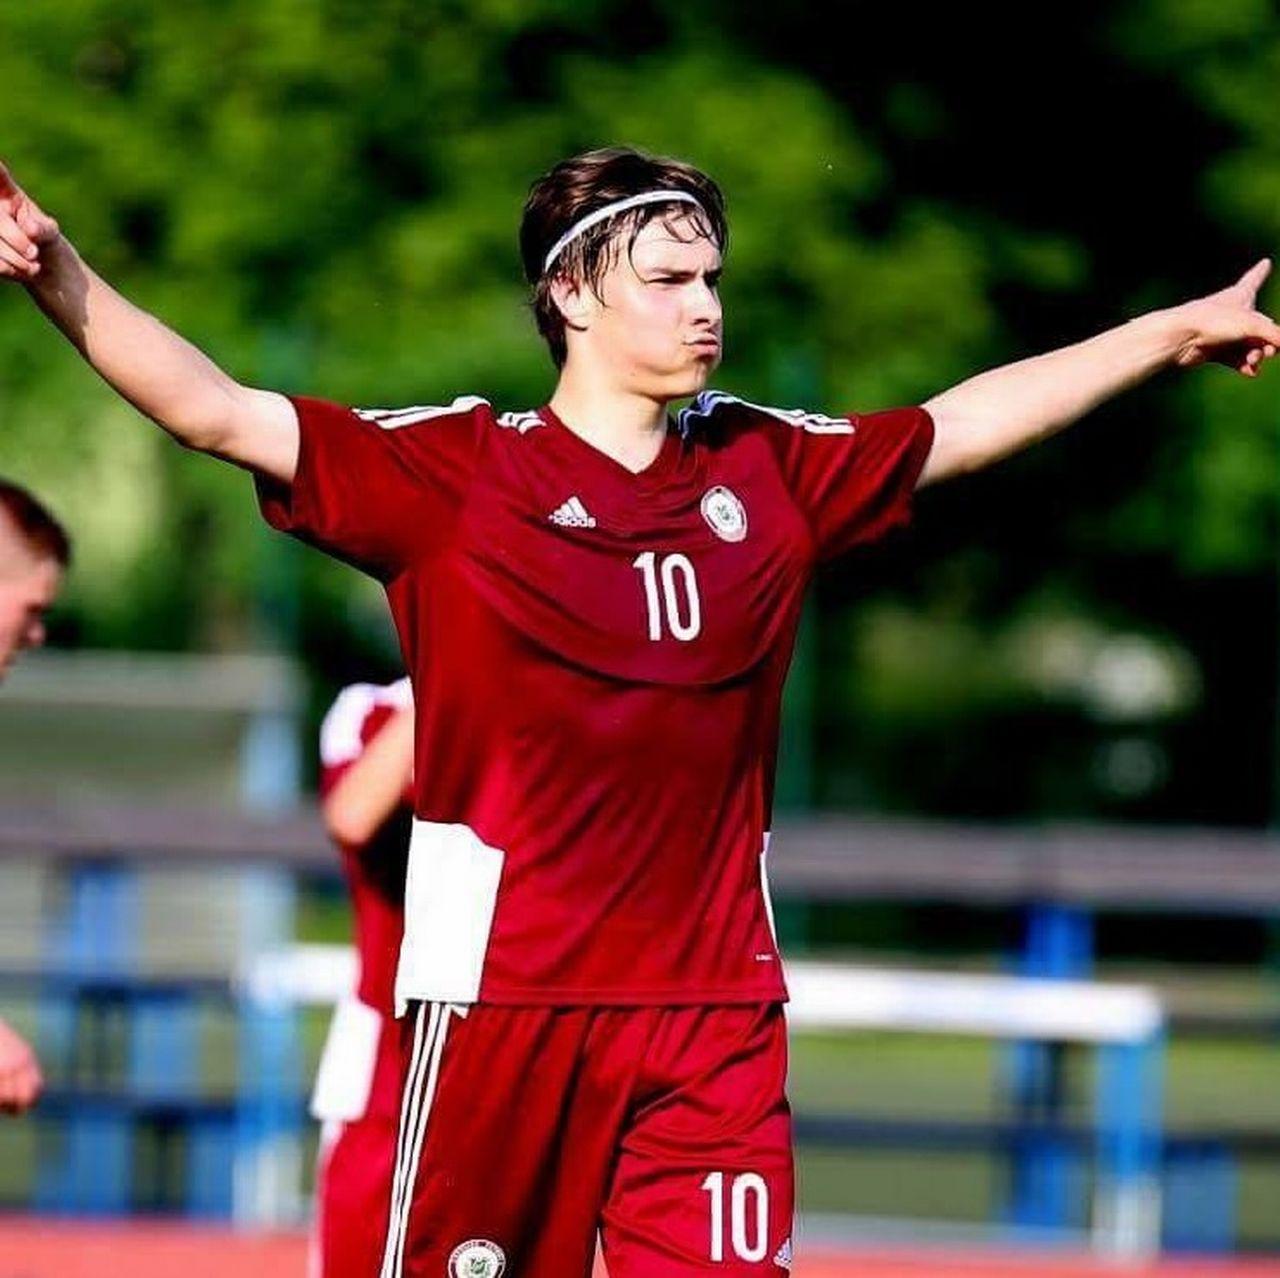 Roberts Uldrikis évoluera à Tourbillon pour les quatre prochaines années. [Facebook - SRI]